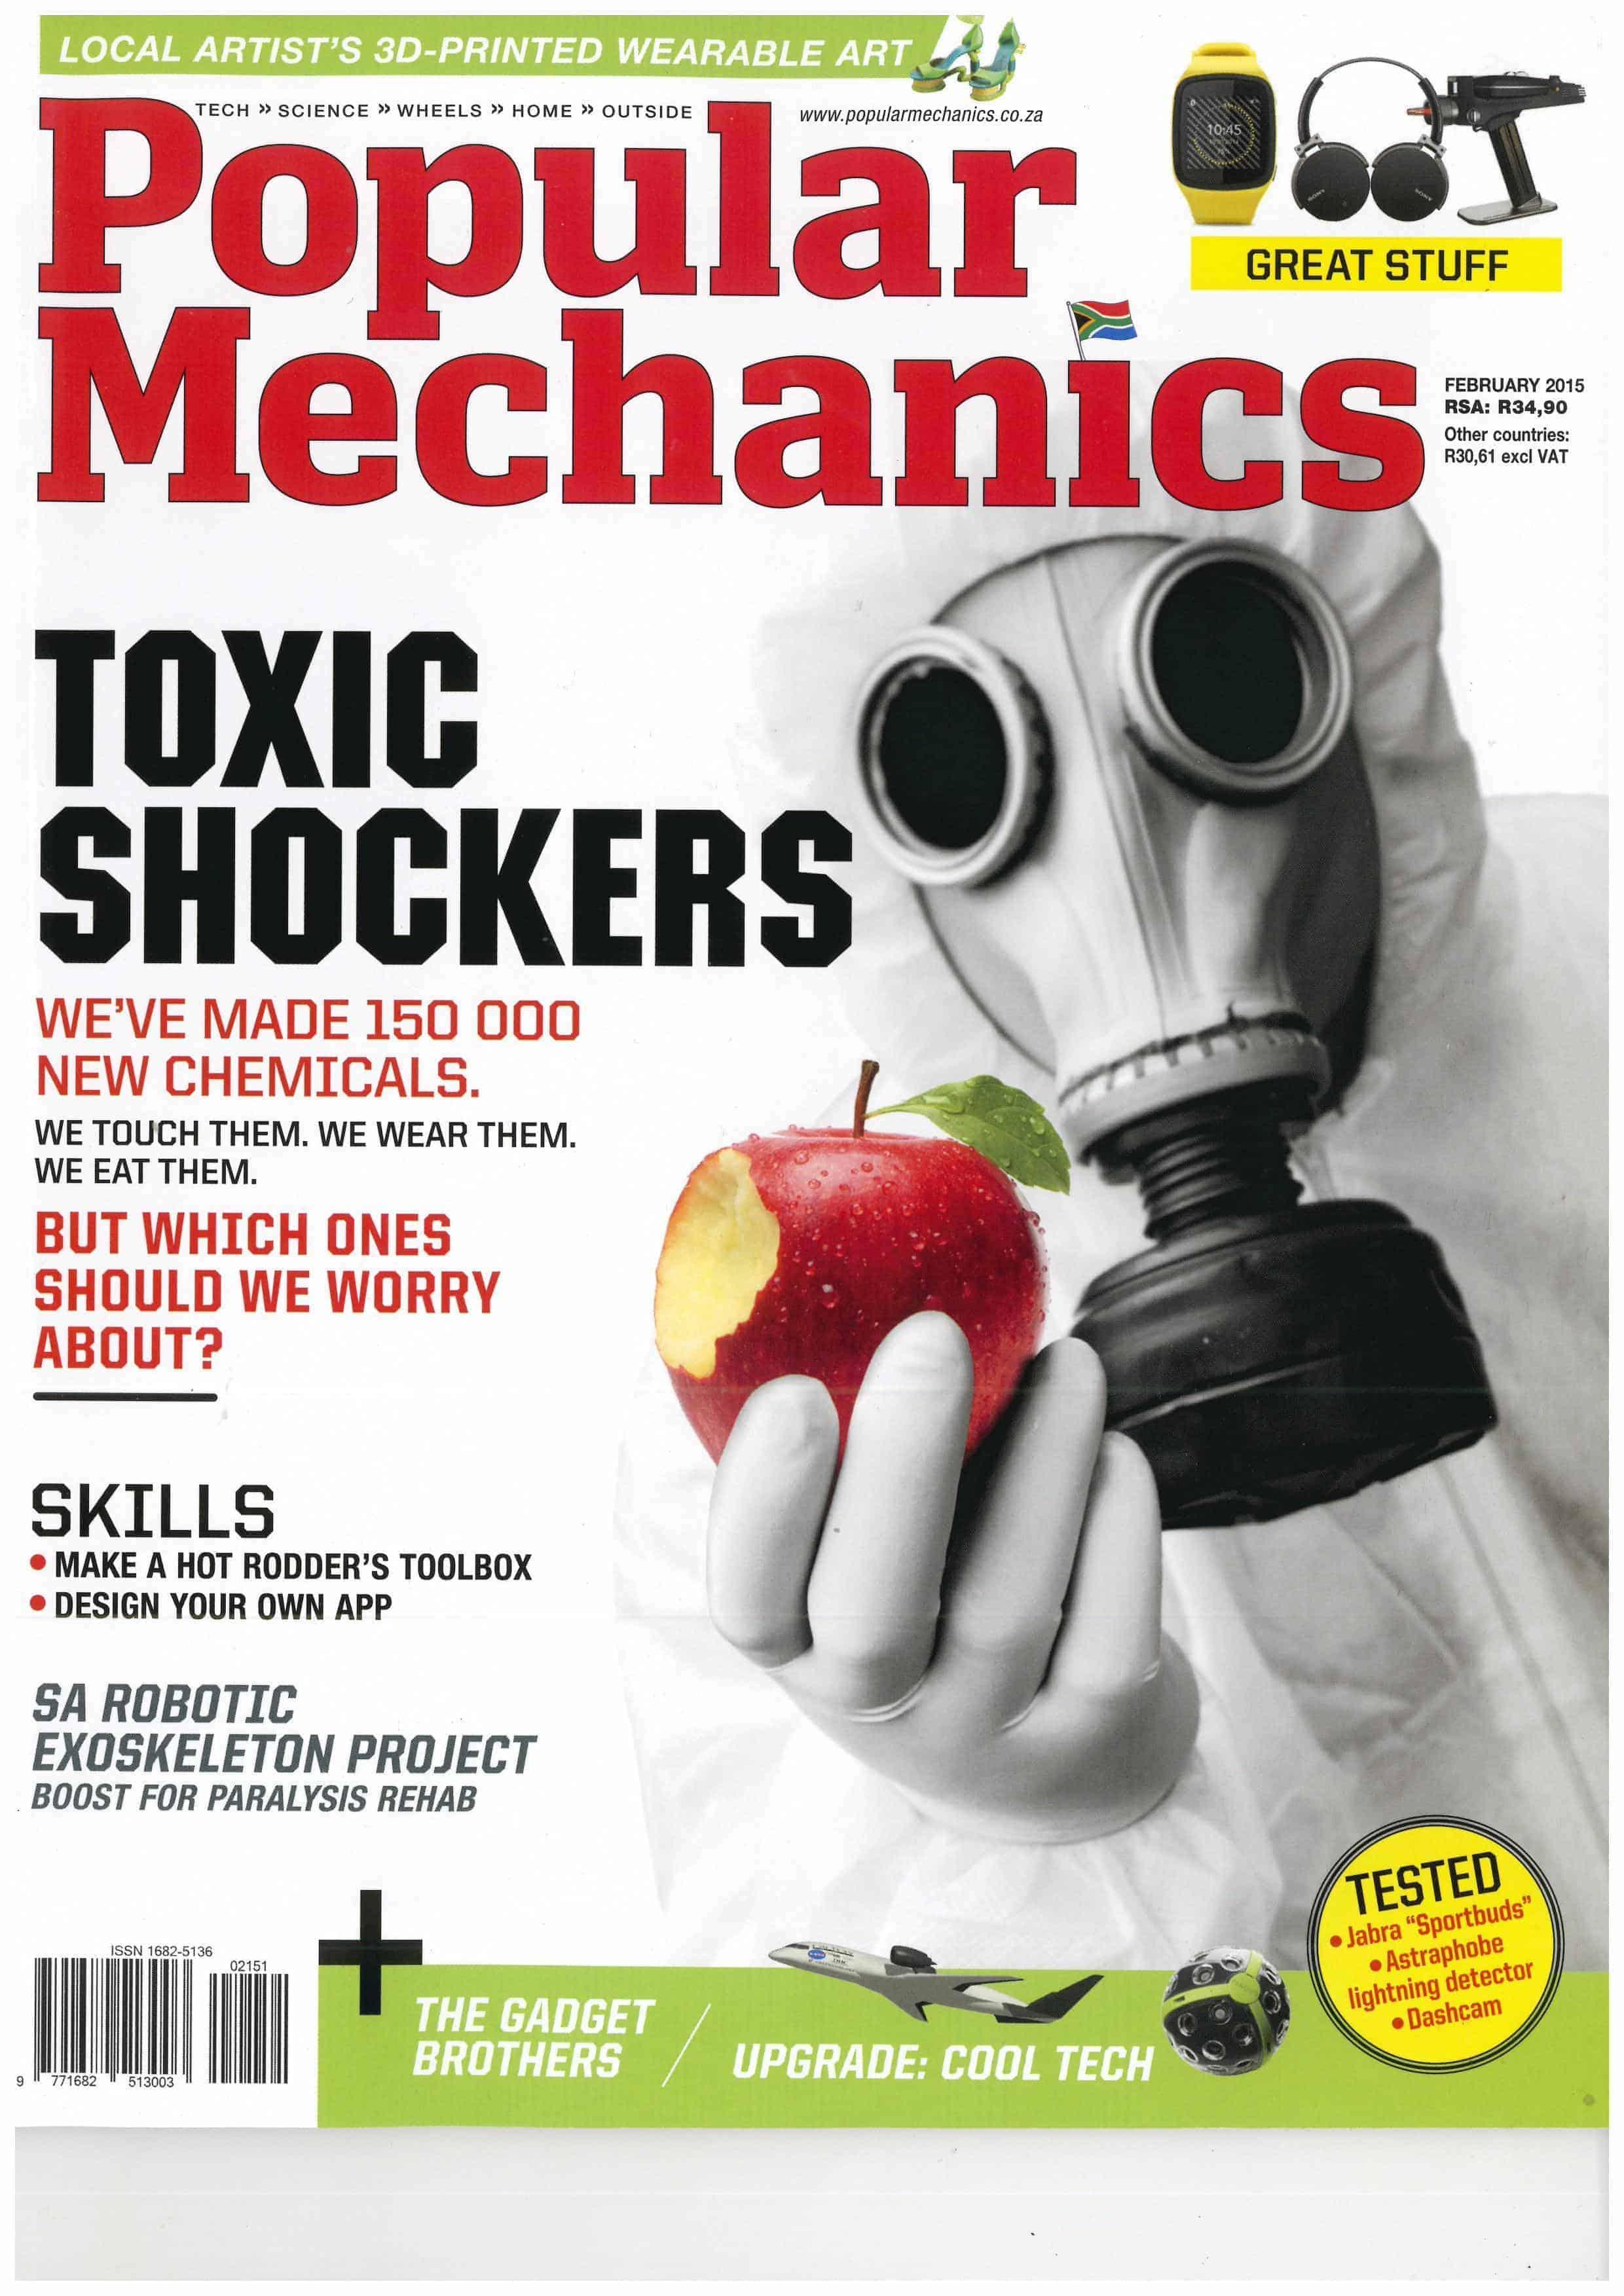 Popular Mechanics February 2015